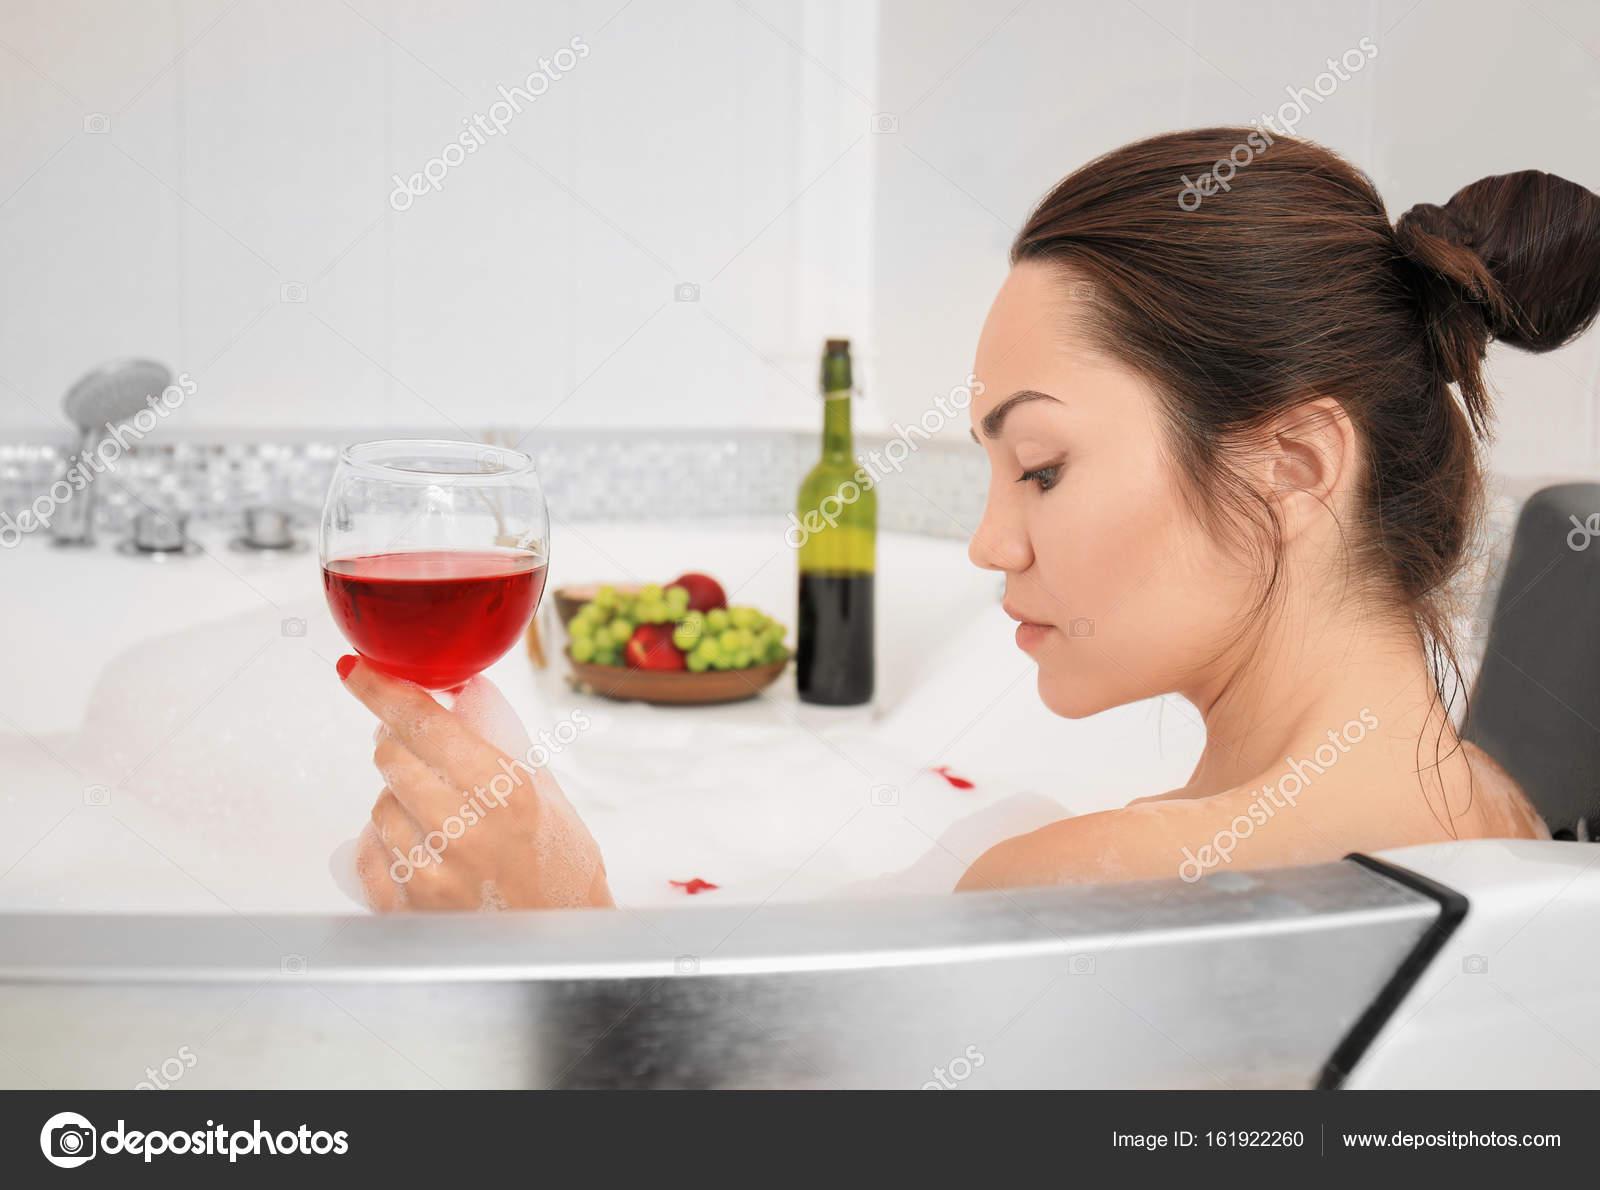 Bella donna con bicchiere di vino rosso nella vasca da bagno foto stock belchonock 161922260 - Foto nella vasca da bagno ...